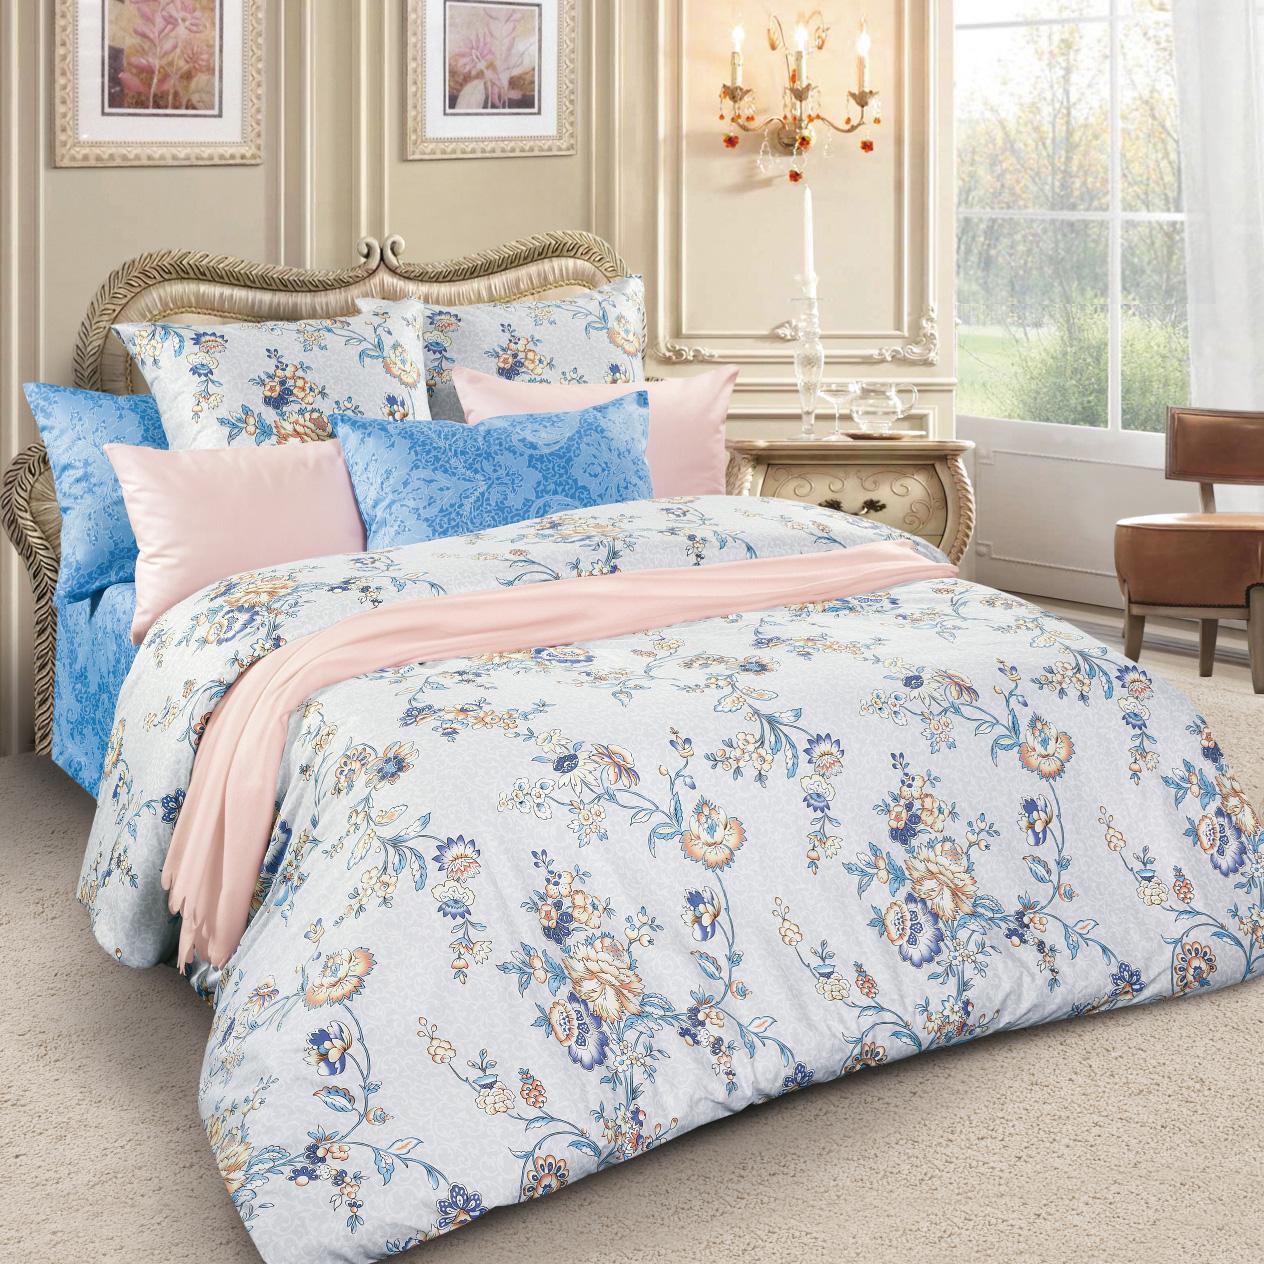 Комплект белья Letto, 1,5-спальный, наволочки 70х70, цвет: серый, голубой. sm62-3sm62-3Спокойная классика в сатиновом исполнении - залог комфорта и гармонии цвета в вашей спальни. Дополните свою спальню актуальным принтом от европейских дизайнеров! Это отличный подарок любителям модных трендов в цвете и дизайне.Комплект выполнен из сатина, который заслужено считается благородной тканью для постельного белья. Сатину свойственна практичность, долговечность, мягкость и изысканный блеск, такая ткань прекрасно впитывает влагу во время сна, комфортна на ощупь и не требует особого ухода. Серия Letto Сатин – это современные дизайны в европейской стилистике, которые прекрасно дополнят Вашу спальню. Обращаем внимание, что наволочки могут отличаться от представленных на фотографии. Также может отличаться и оттенок комплекта из-за разницы в цветопередаче мониторов.